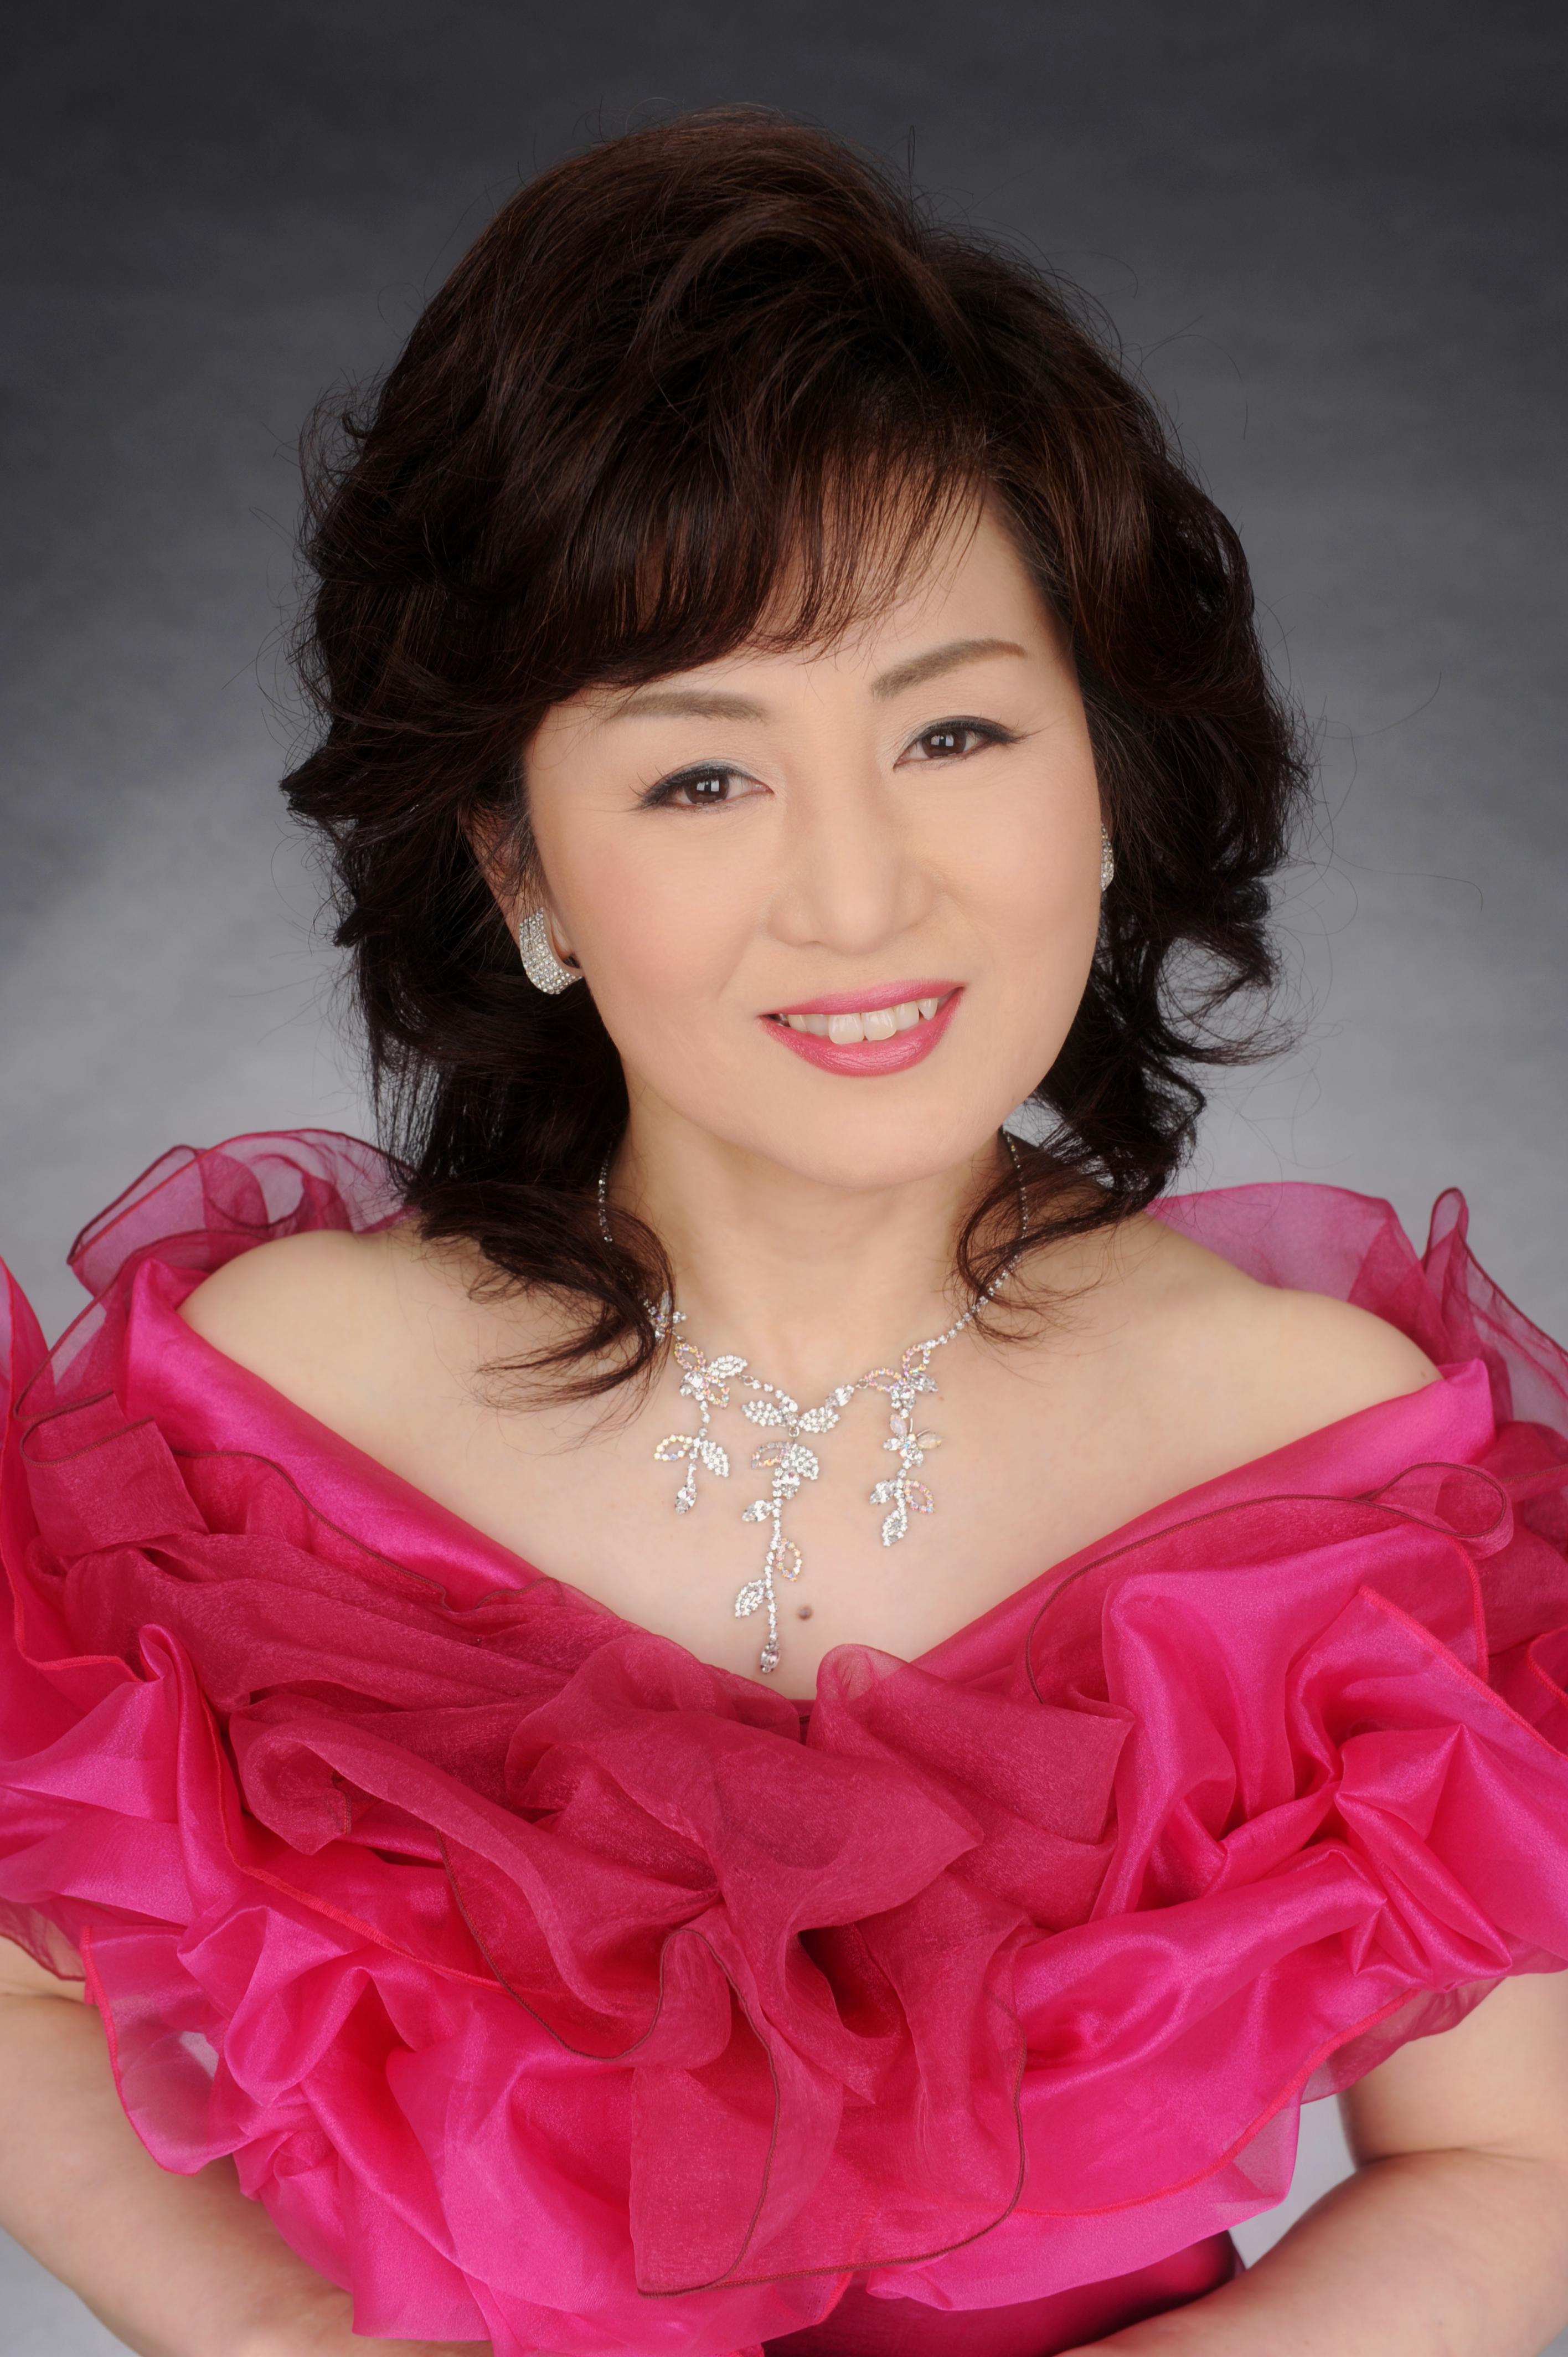 瀧本 富美枝さんの写真